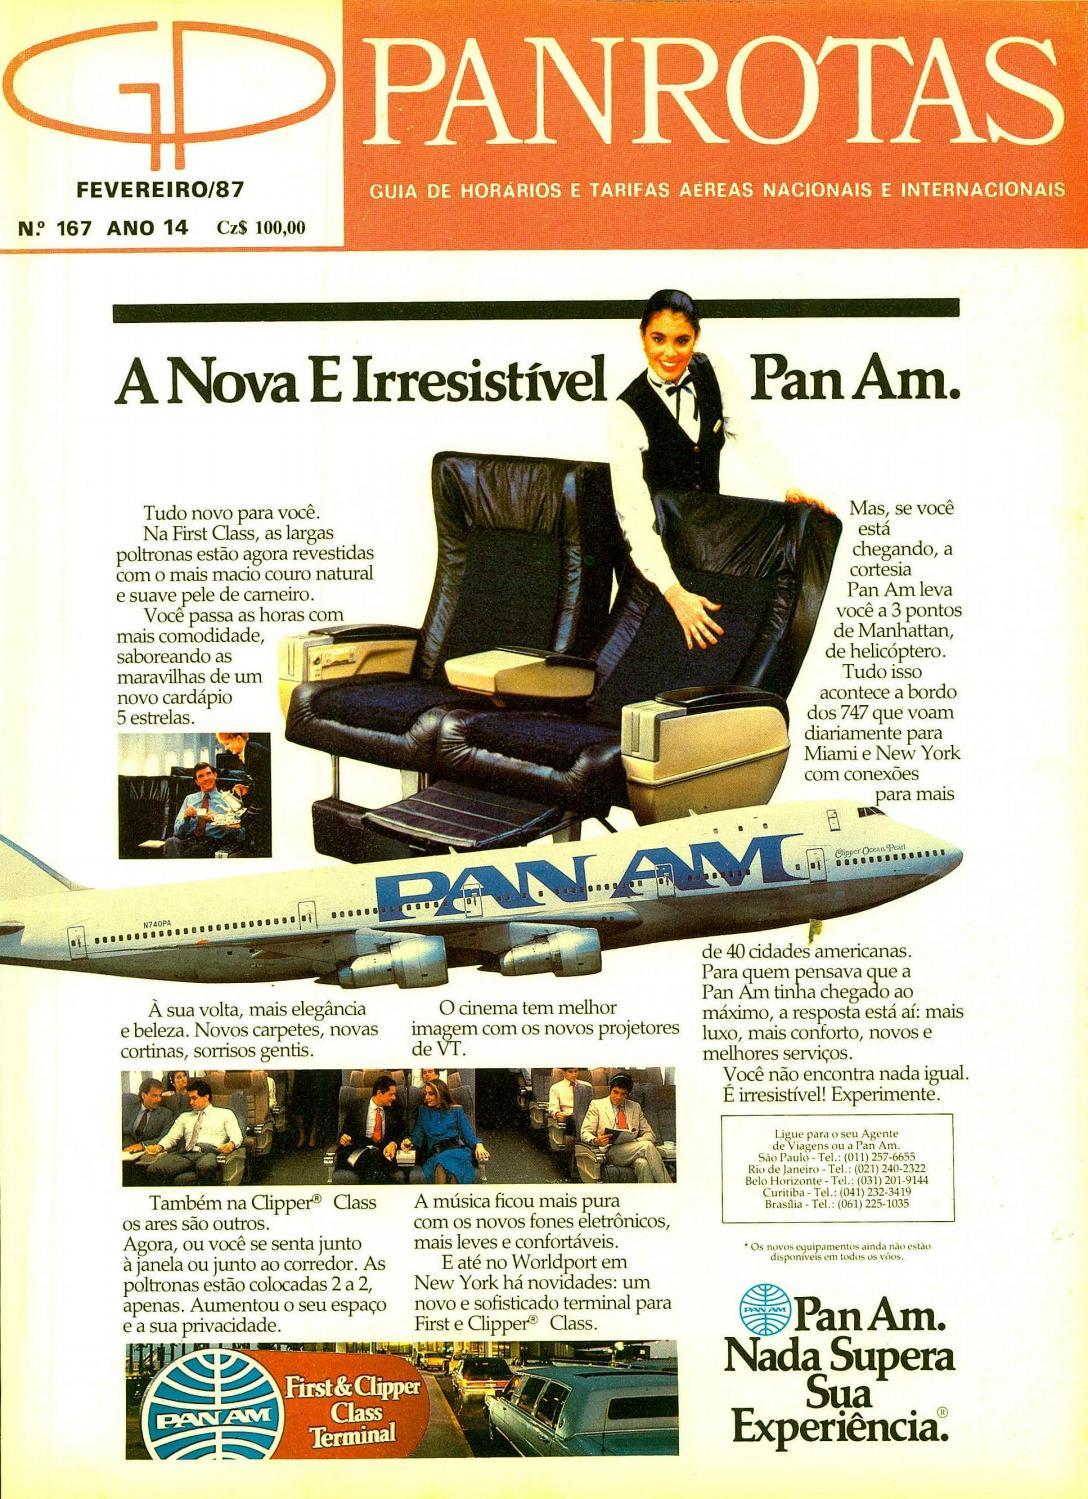 0053997d5e6 Guia PANROTAS - Edição 167 - Fevereiro 1987 by PANROTAS Editora - issuu